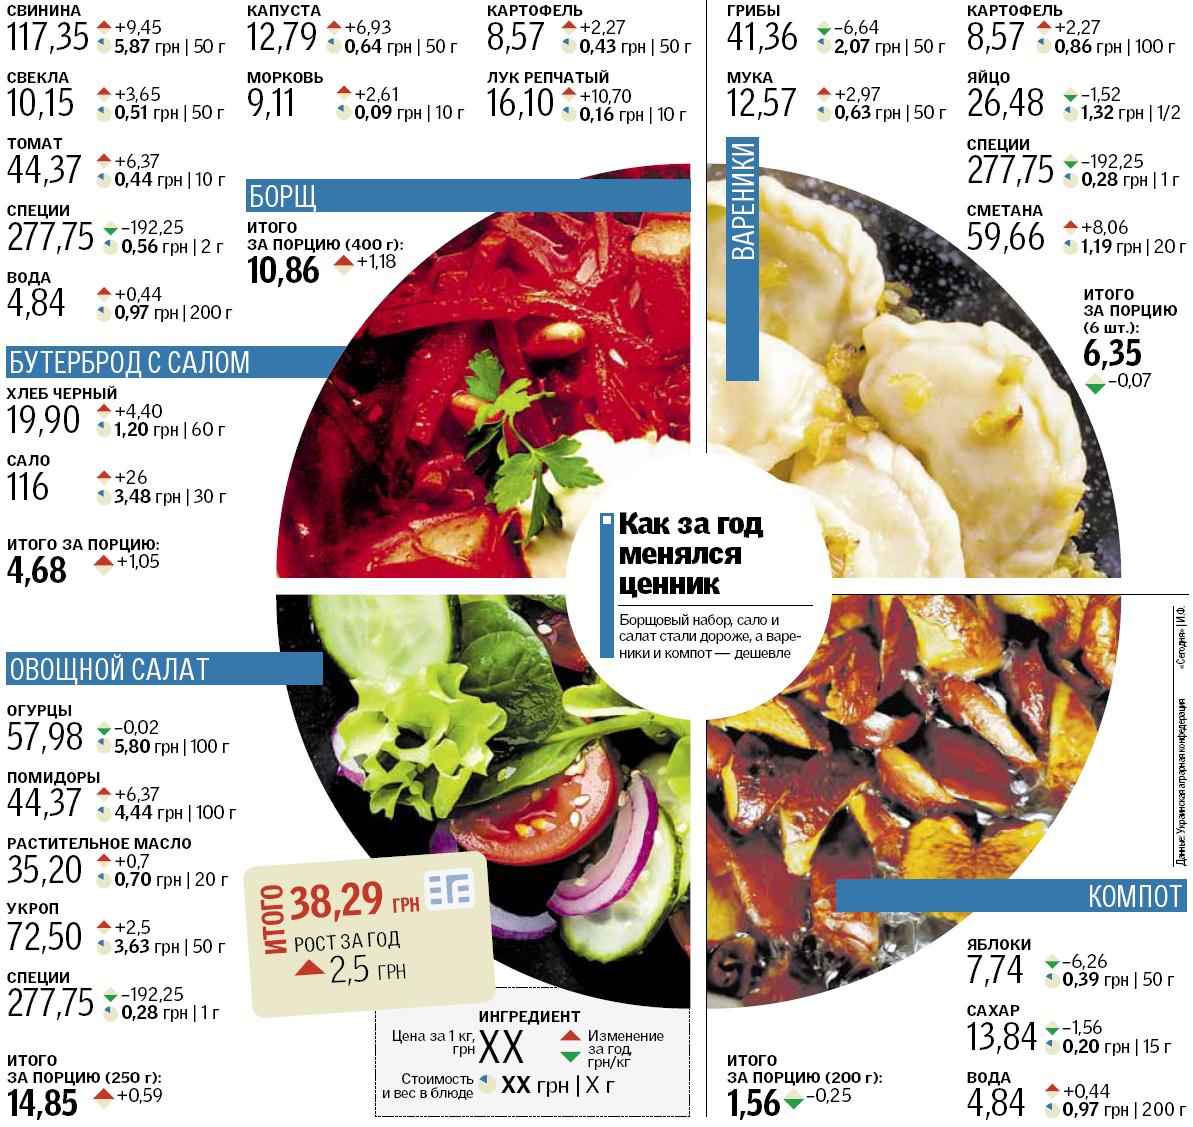 За год больше всего изменилась стоимость бутерброда с салом, который подорожал на 1 грн